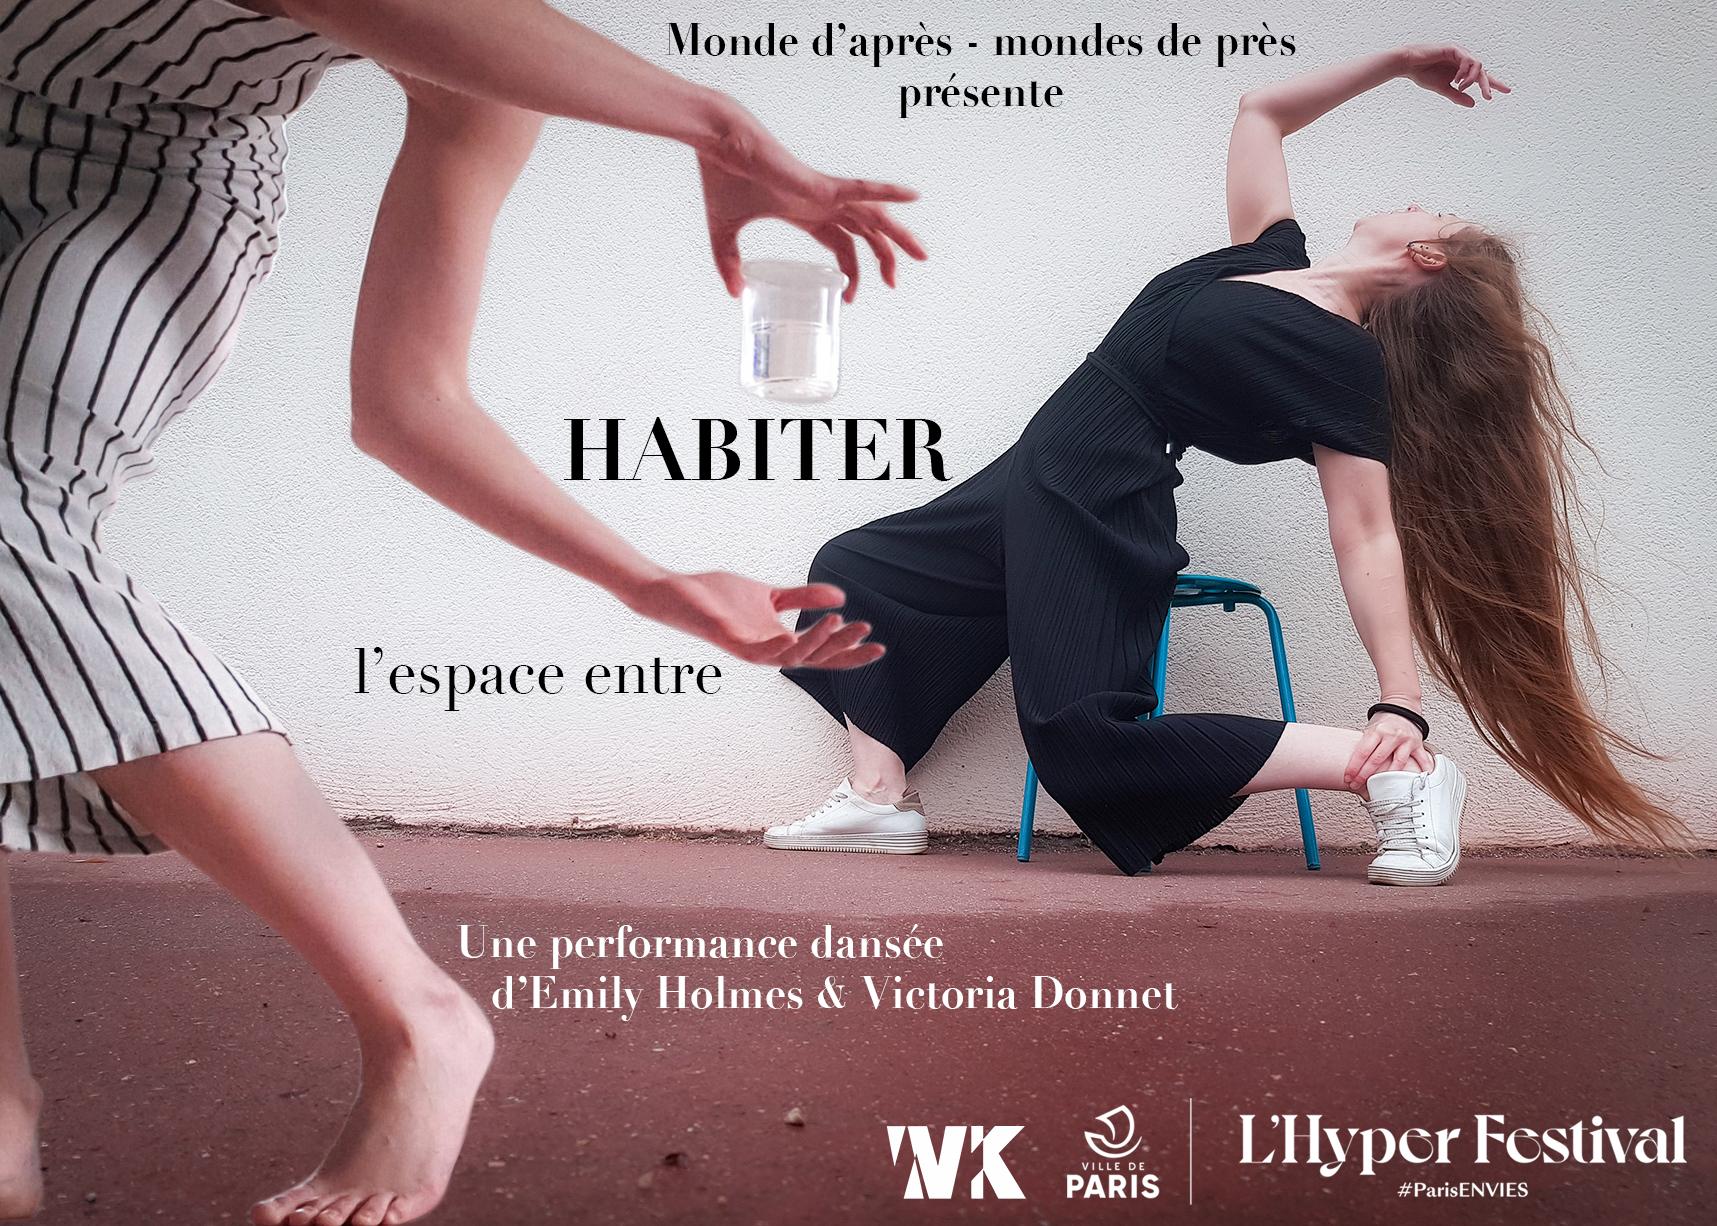 Habiter l'espace entre - Une performance dansée